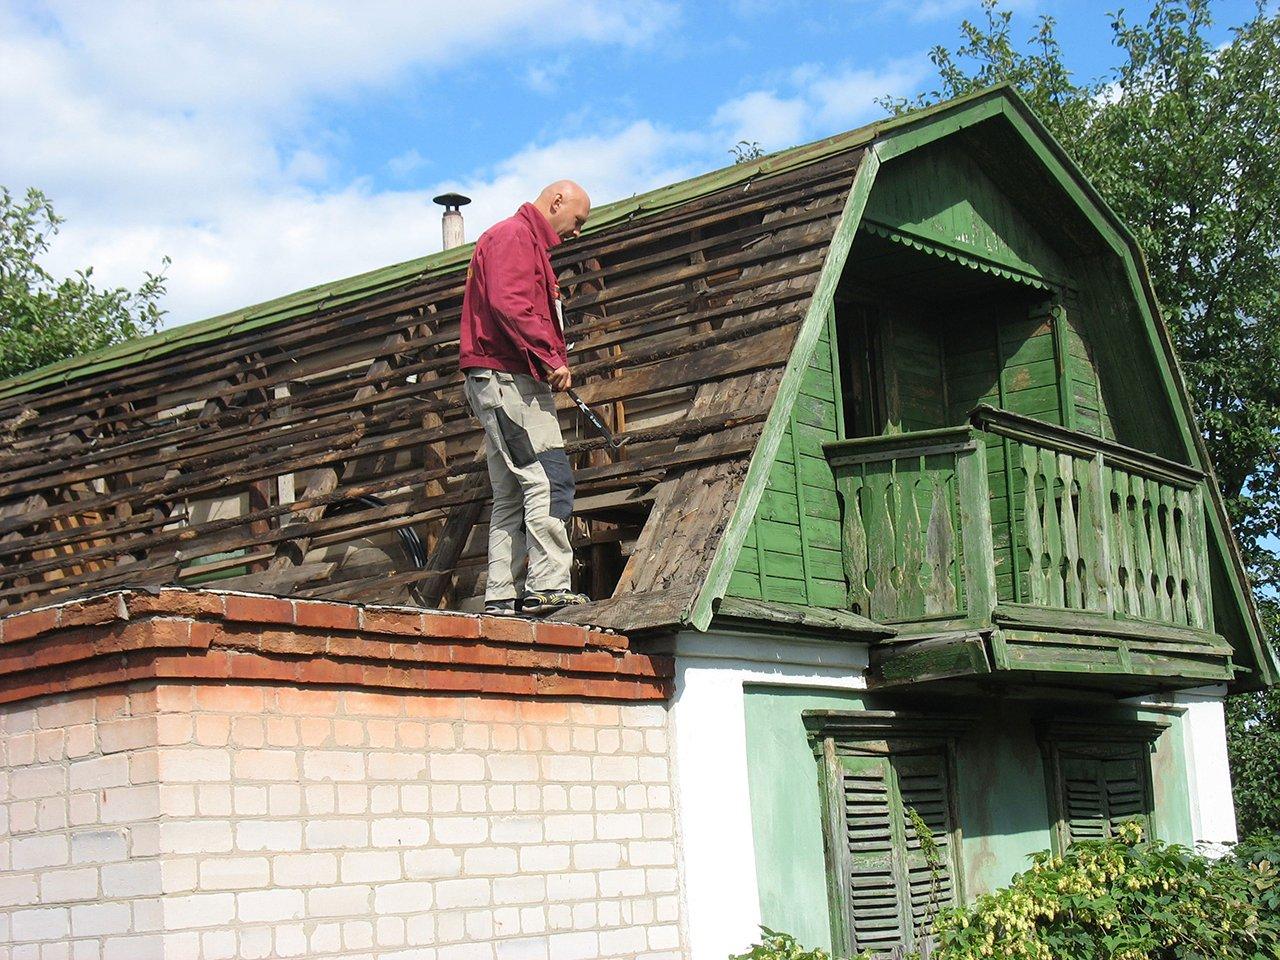 реставрация частного дома фото когда-нибудь